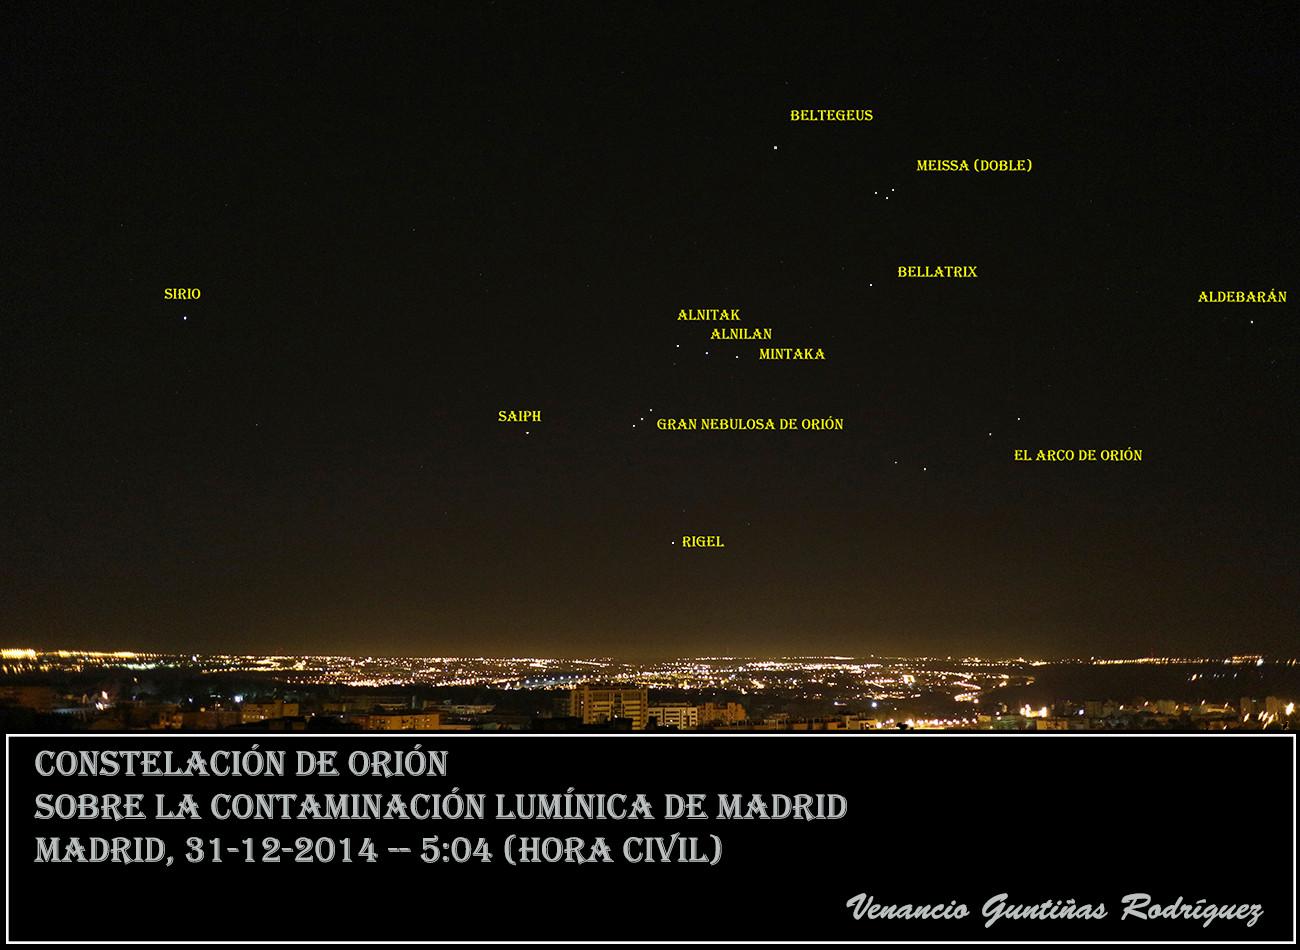 Constelacion de Orion-Madrid-WEB.jpg